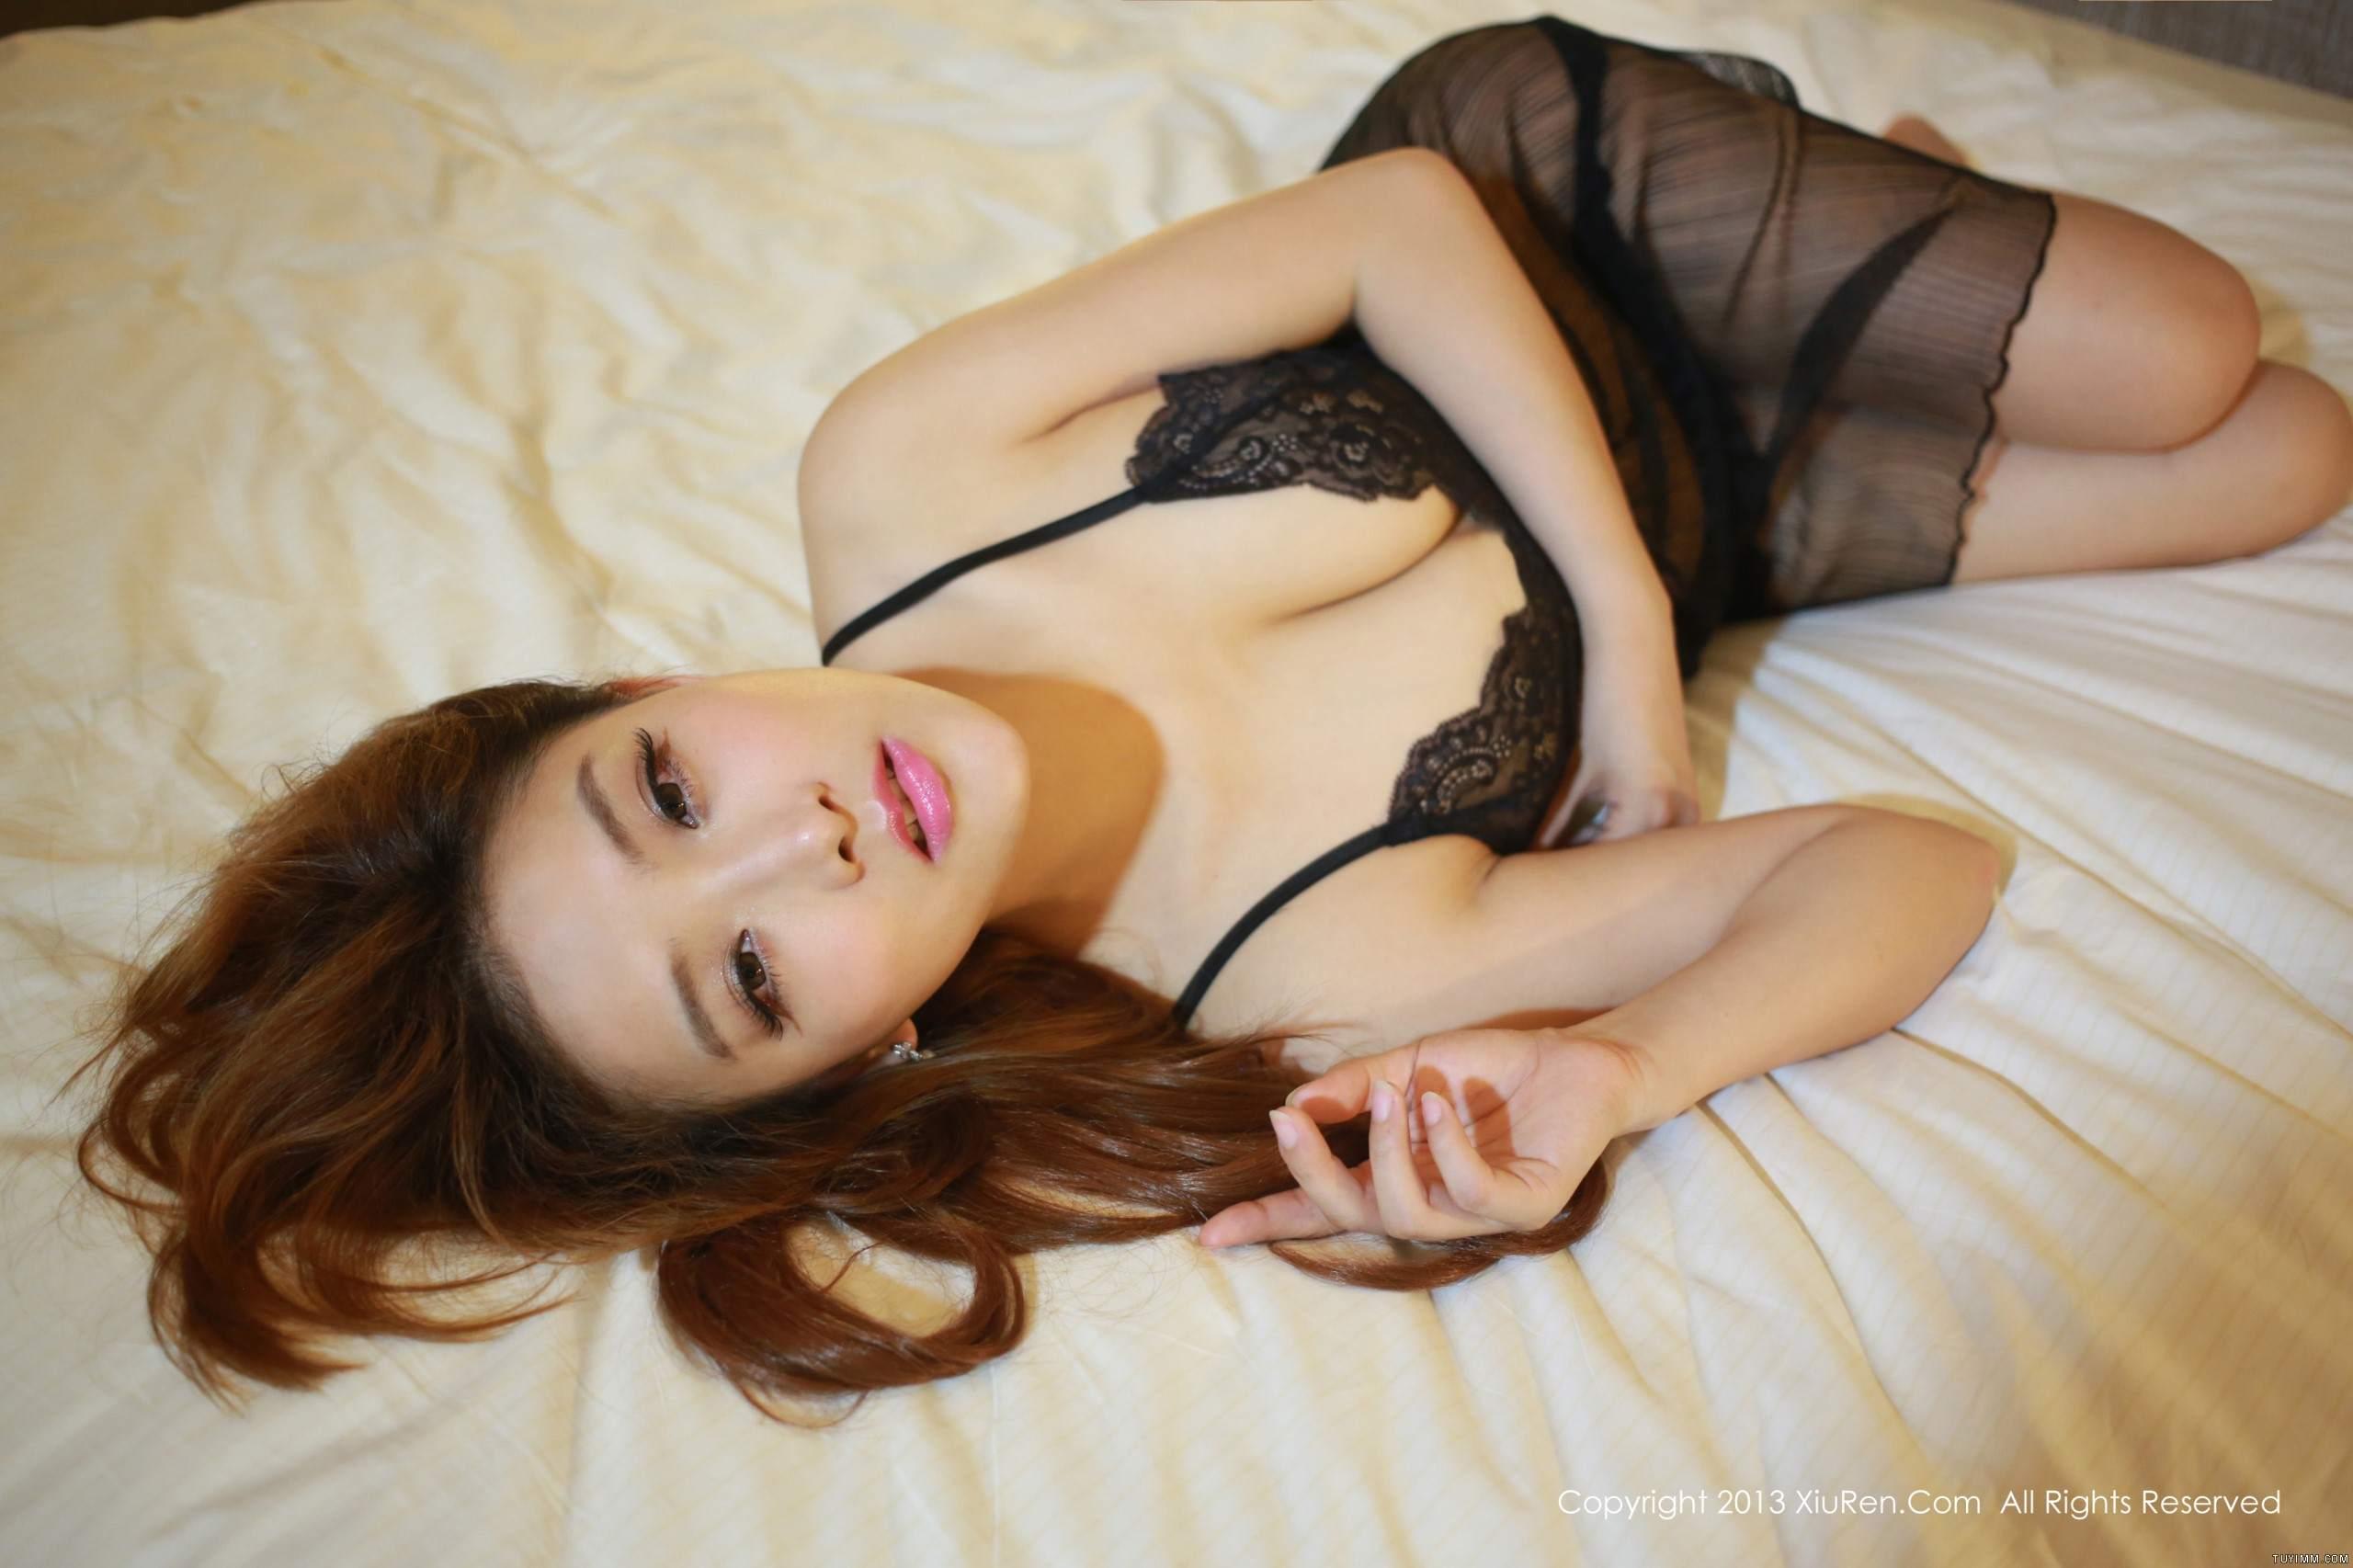 [福利]廊坊模特合集の小刀娱乐网-第52张图片-哔哔娱乐网